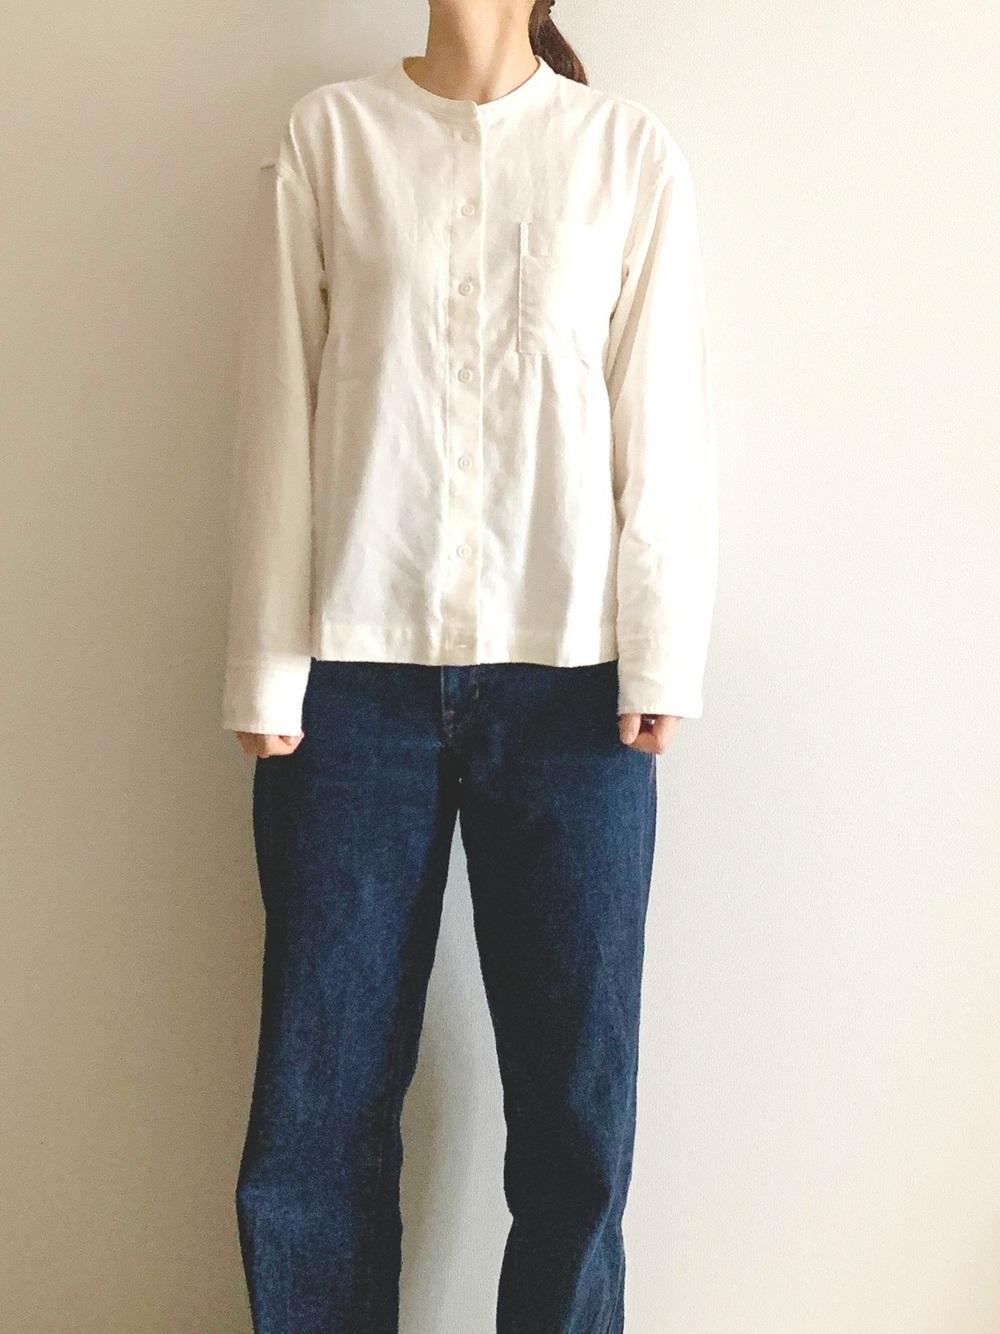 白のシャツにデニムパンツのコーデ